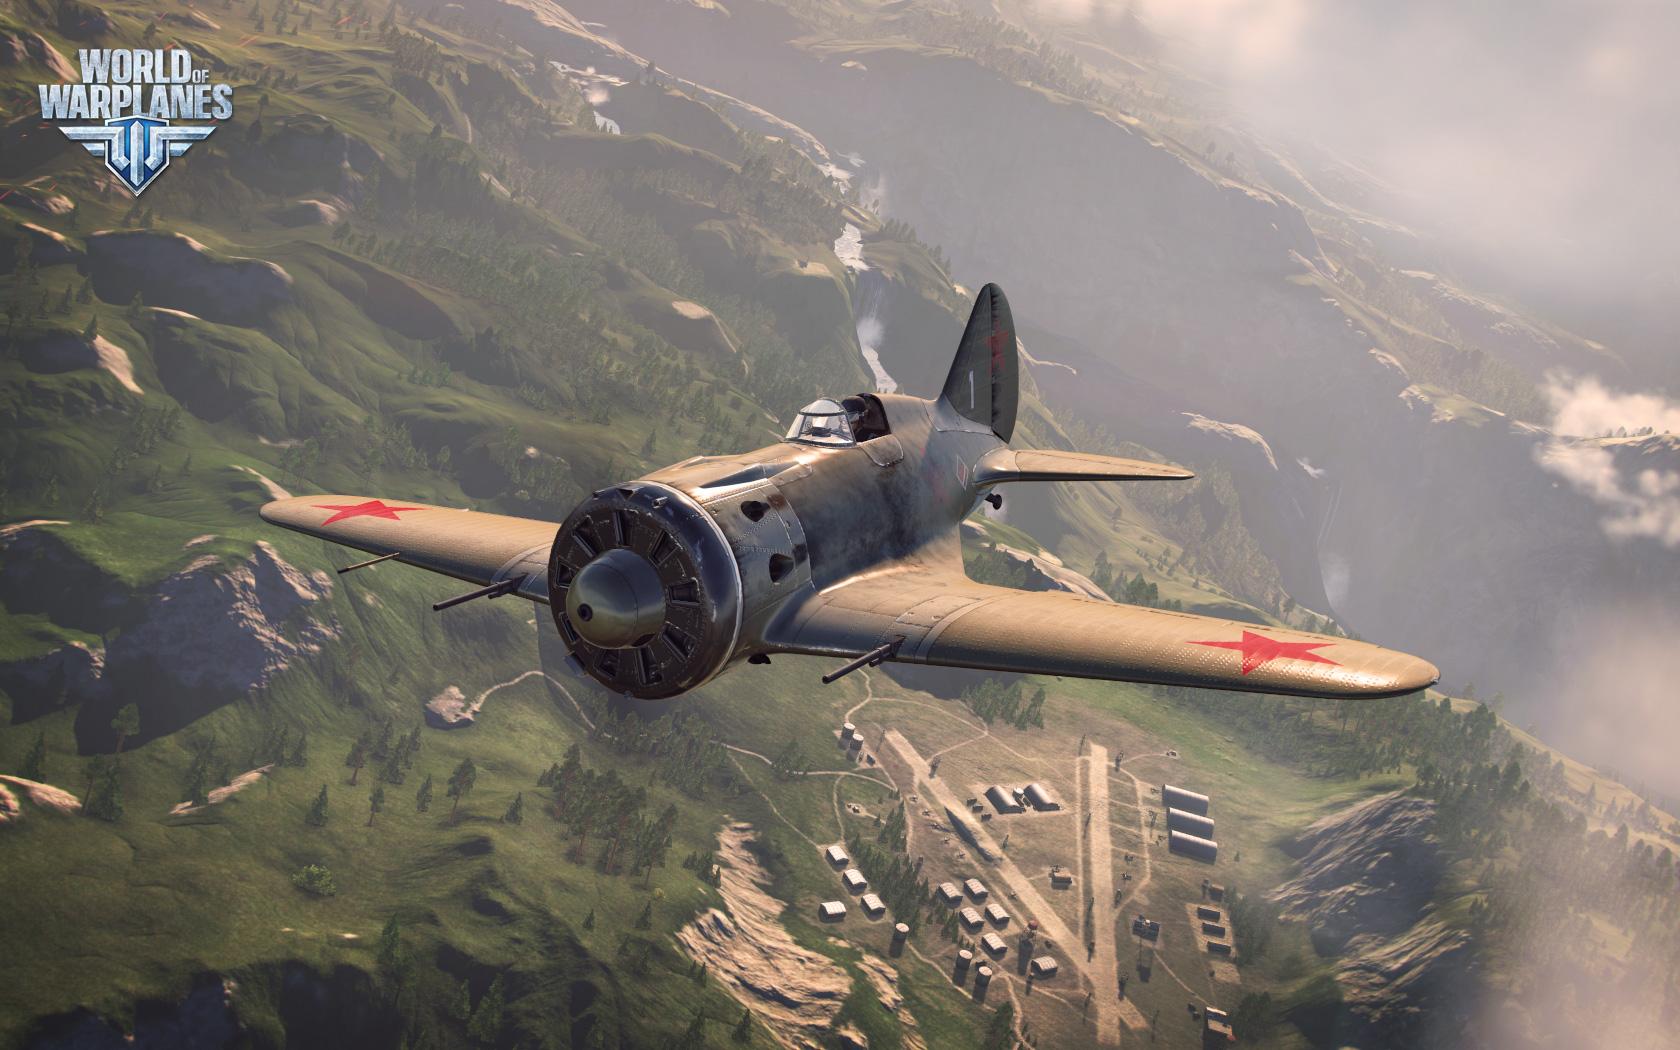 Картинка с самолетом игра